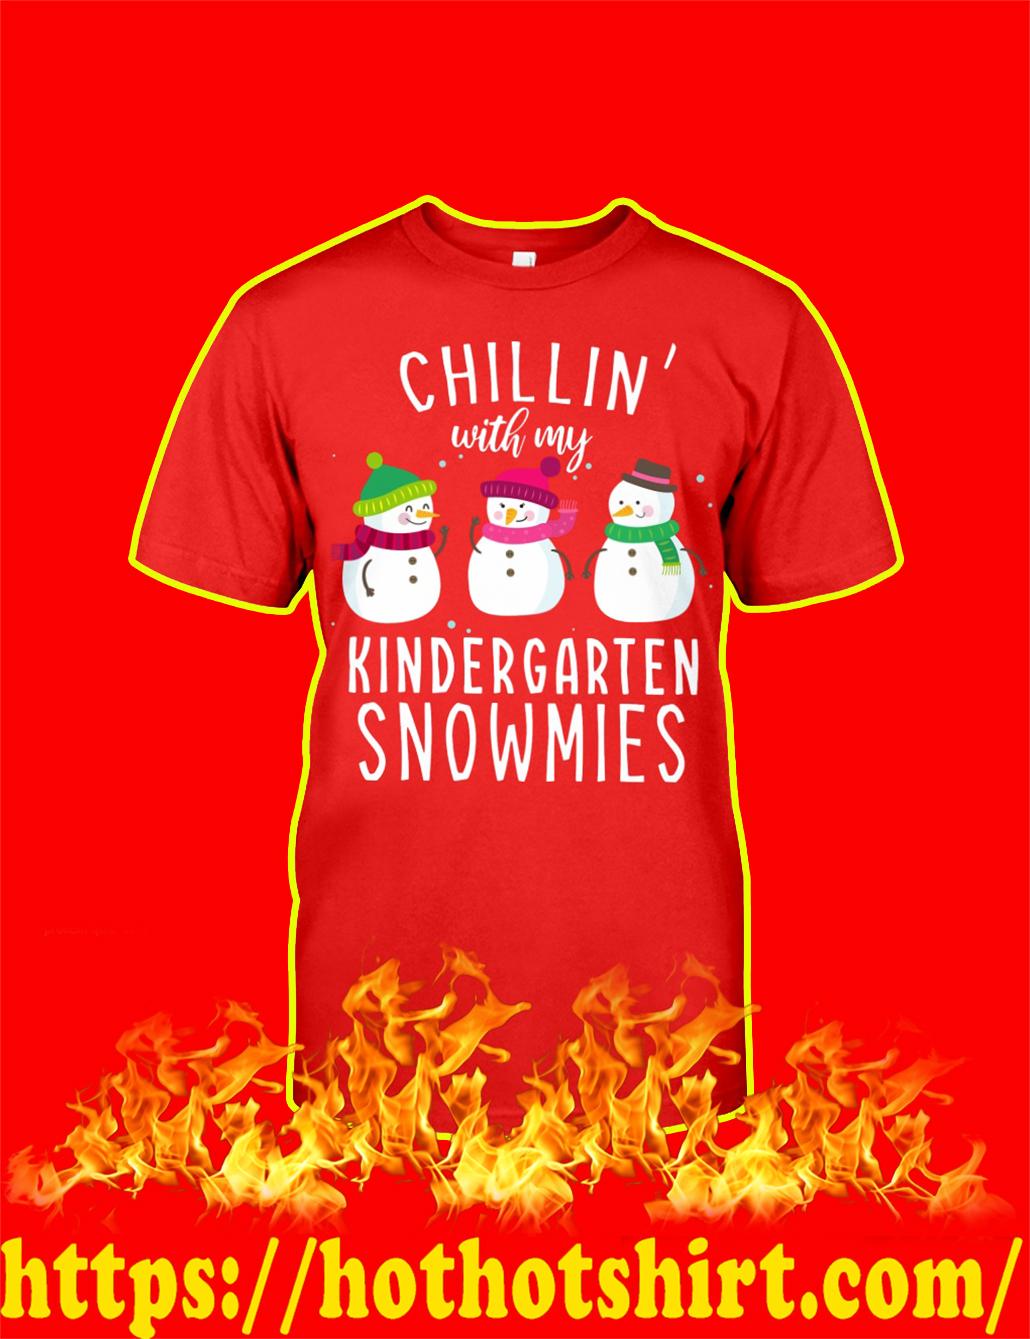 Chillin' With My Kindergarten Snowmies shirt